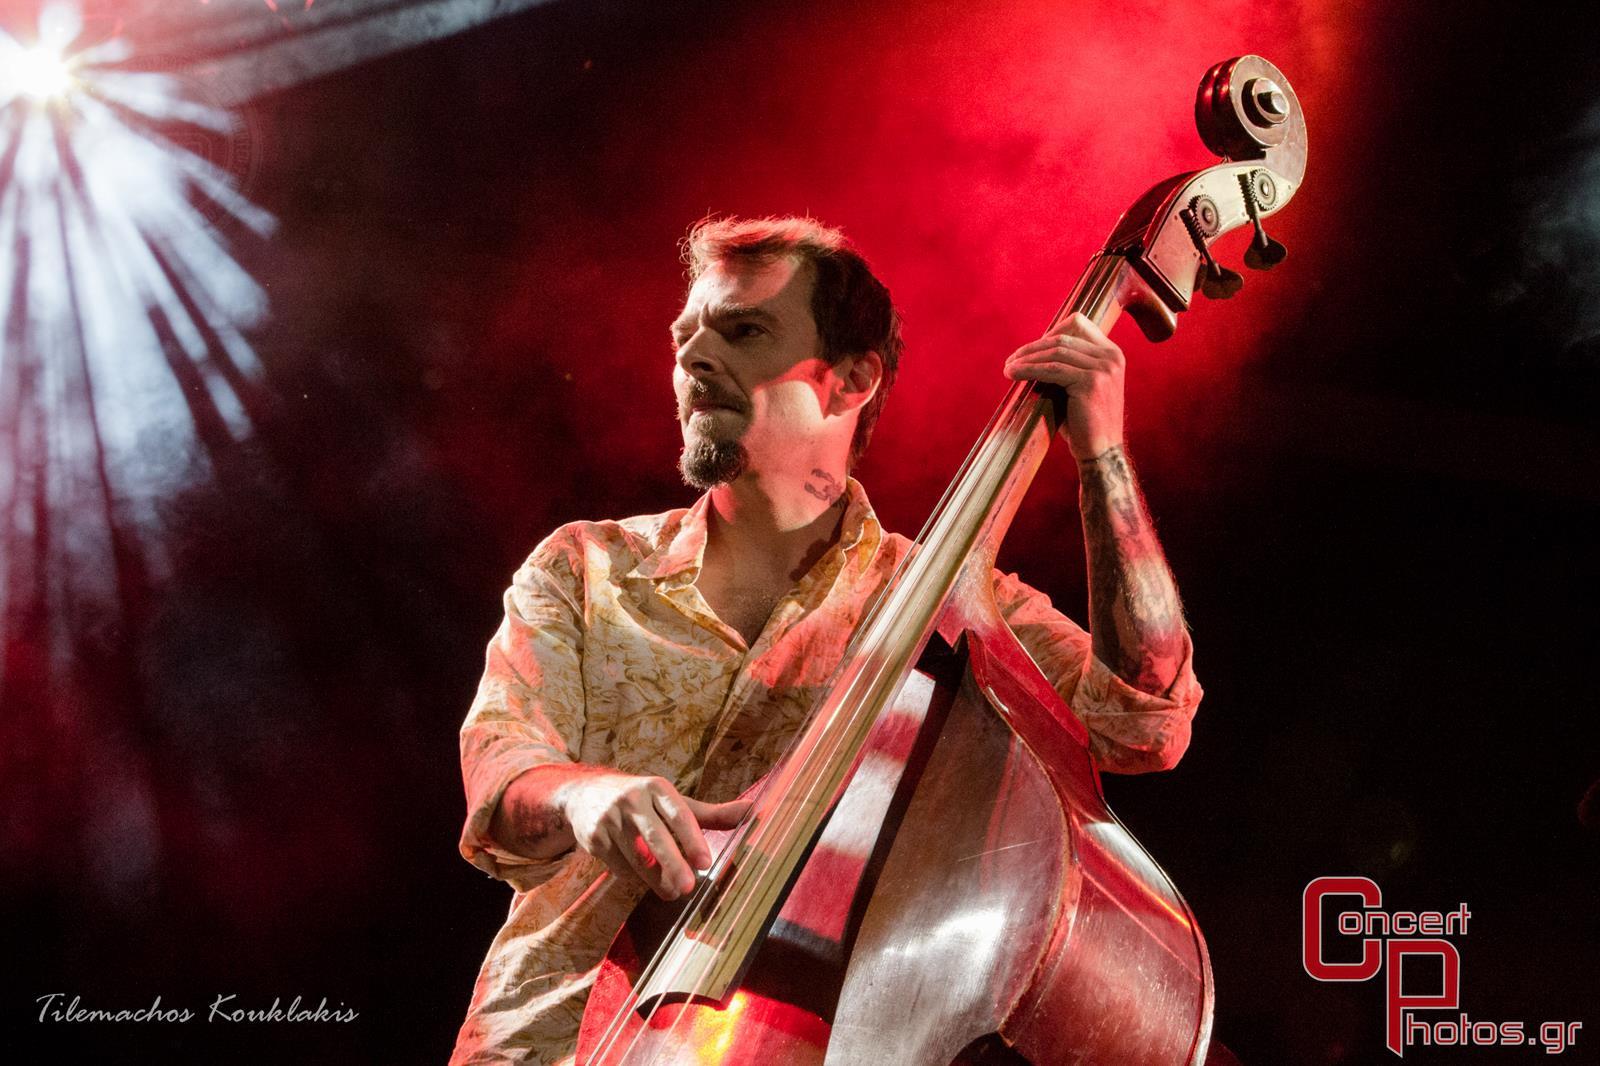 Μία συναυλία για τη Σχεδία 2014-Sxedia 2014 photographer:  - concertphotos_20140530_20_13_32-4